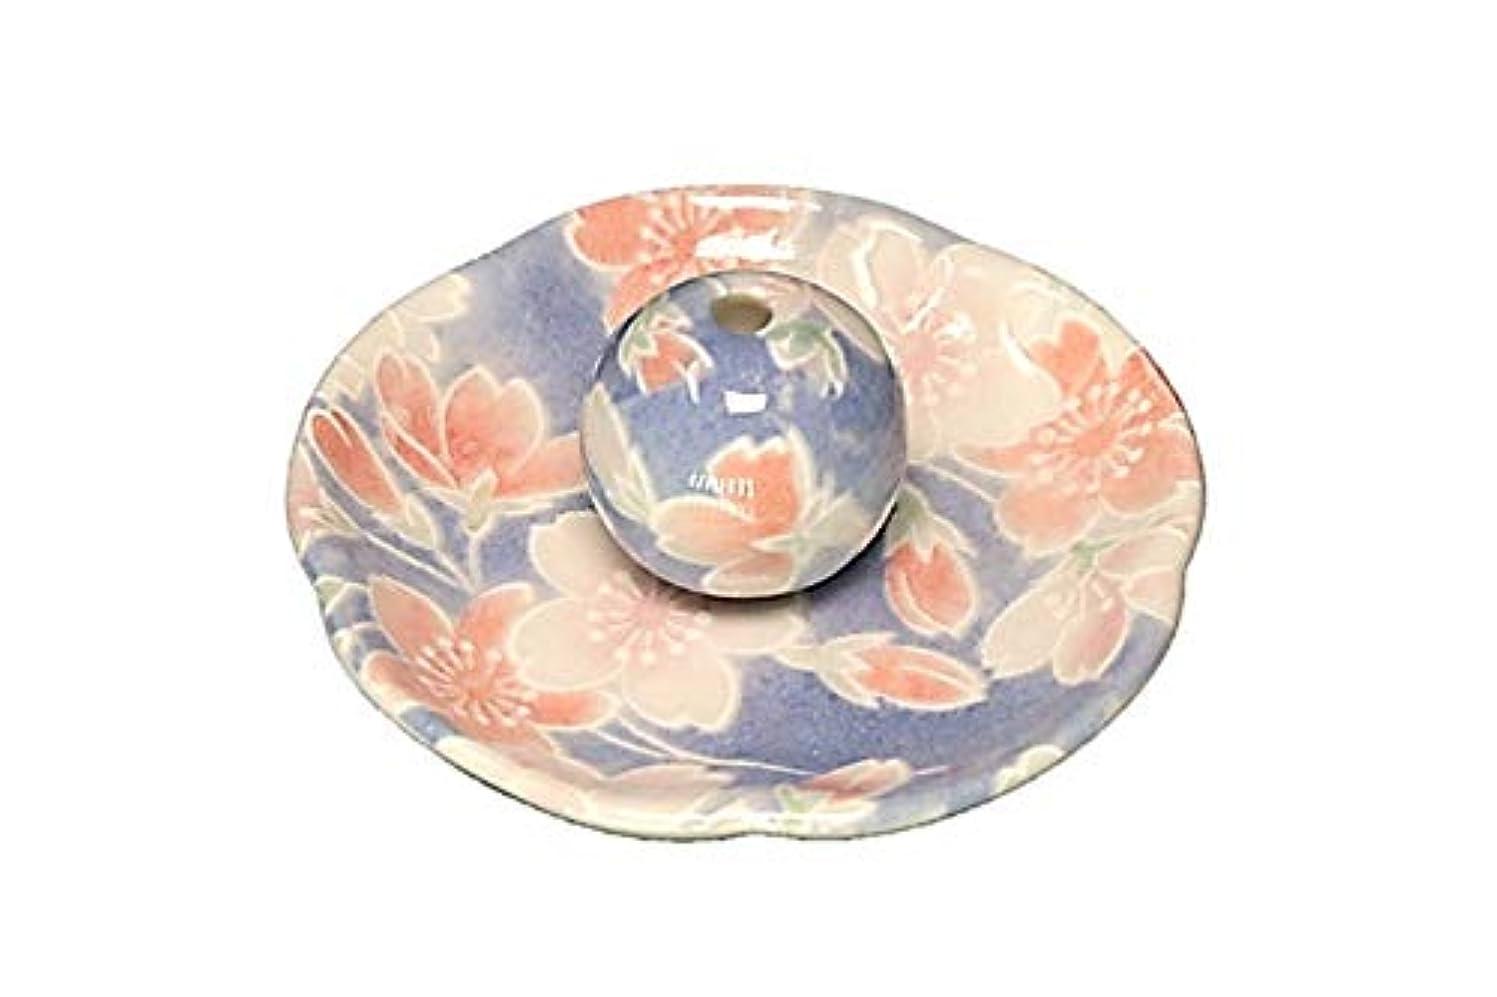 乳剤失速回転する染桜 花形香皿 お香立て お香たて 日本製 ACSWEBSHOPオリジナル